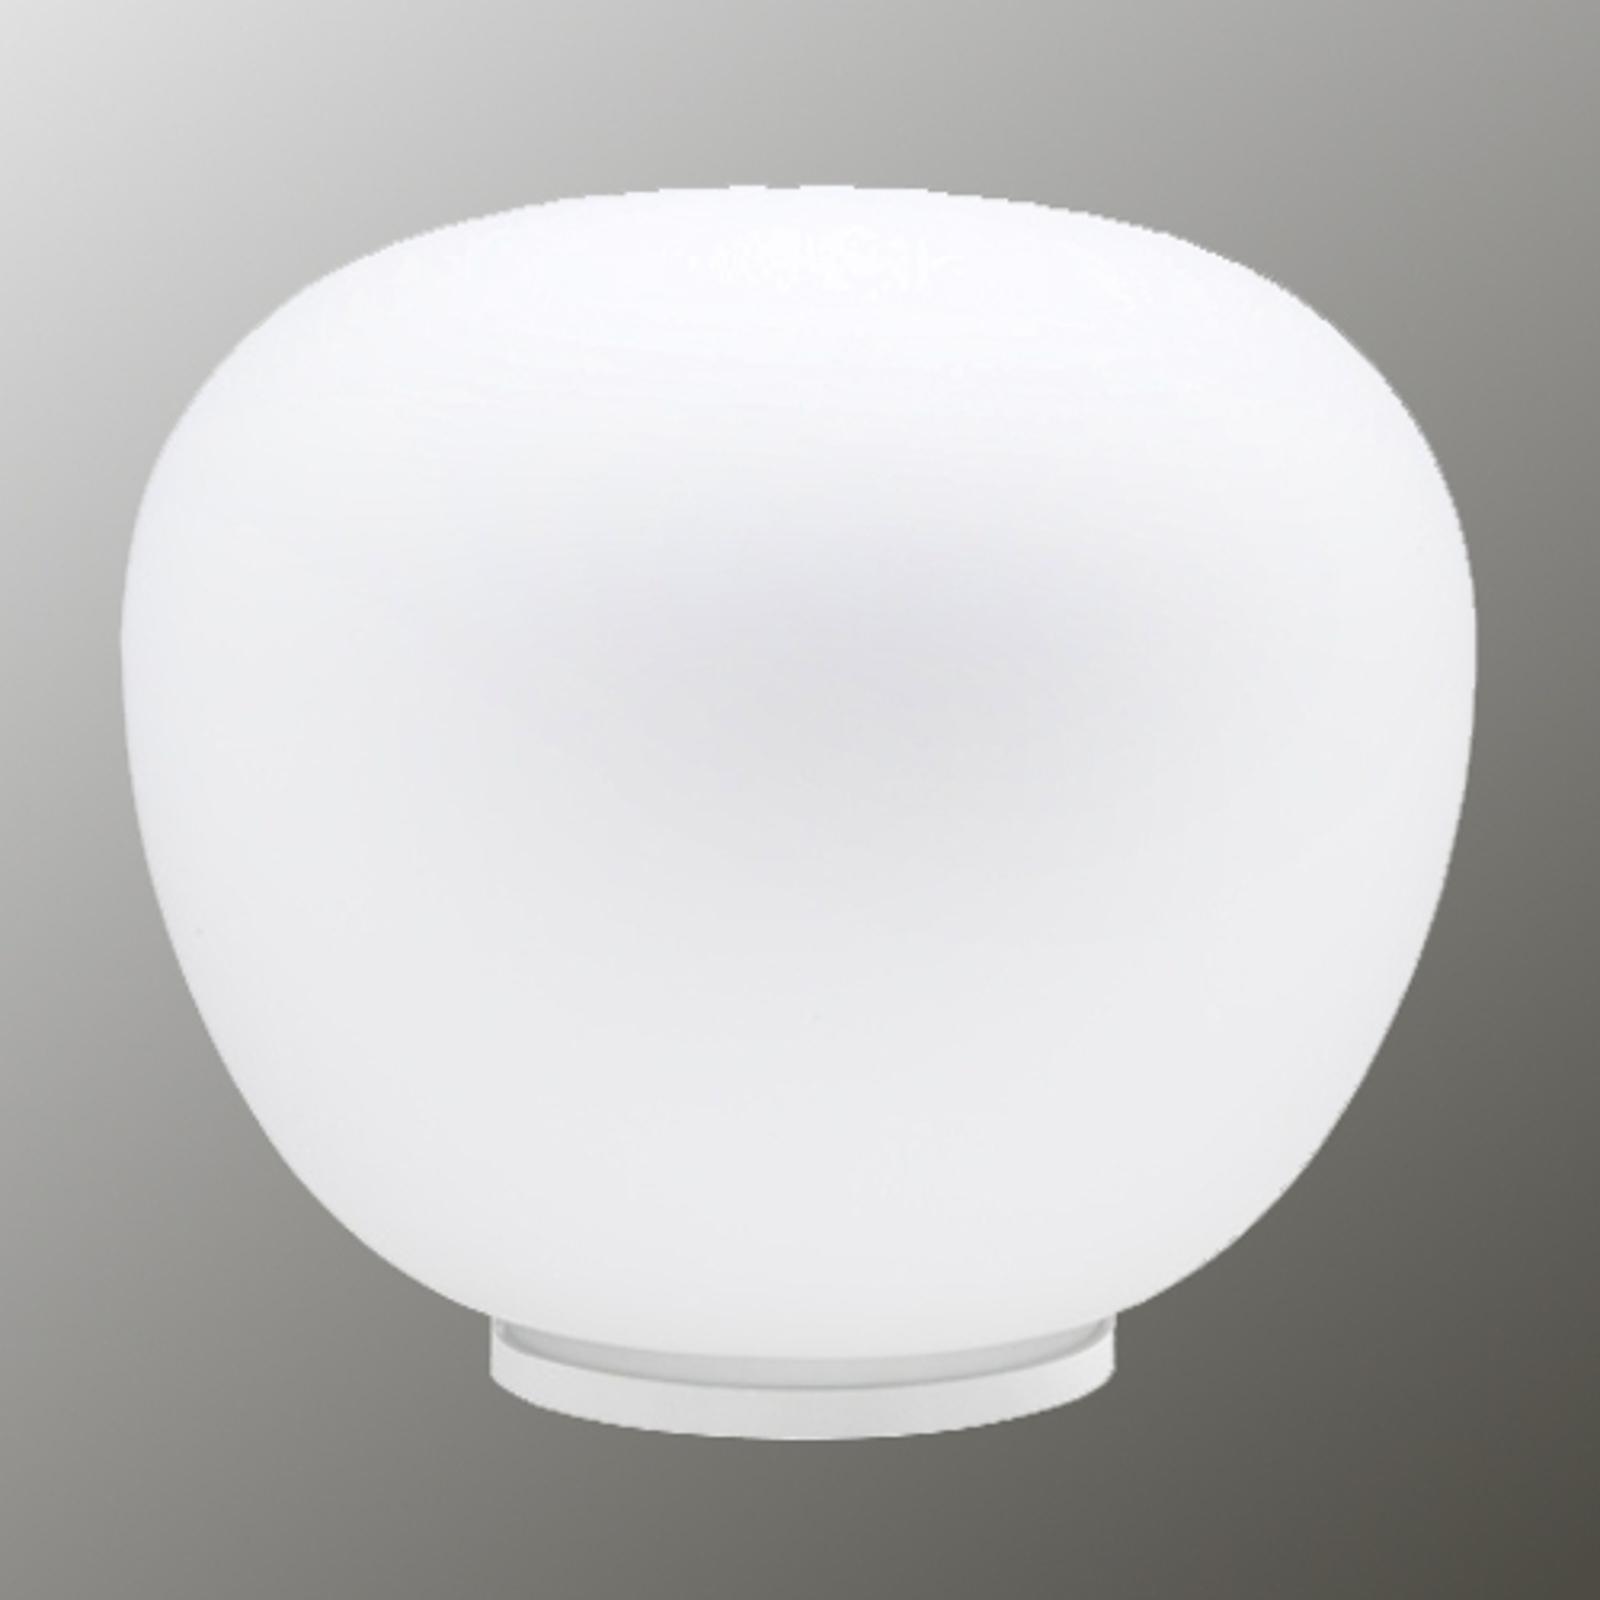 Fabbian Lumi Mochi stolní lampa, bez nohy, Ø 38 cm